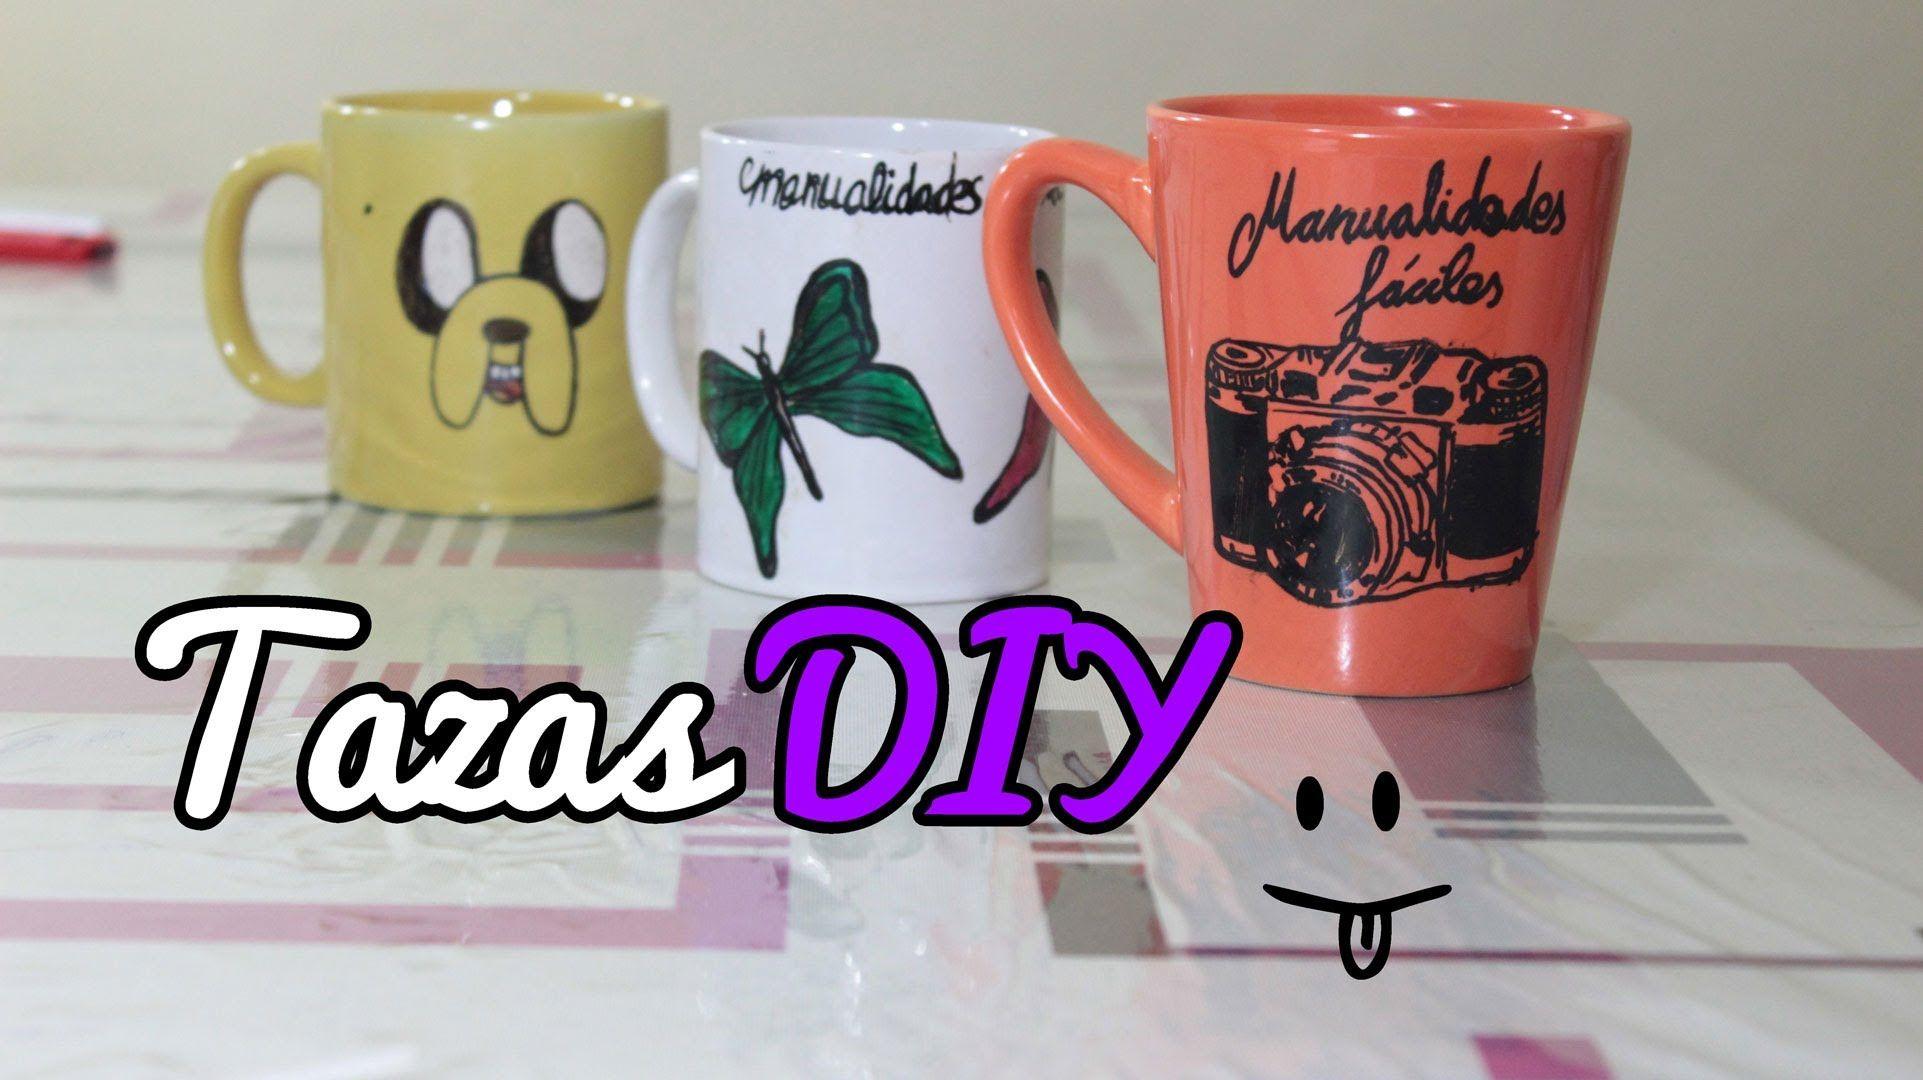 C mo hacer tazas personalizadas decorar tazas - Como se hace manualidades ...